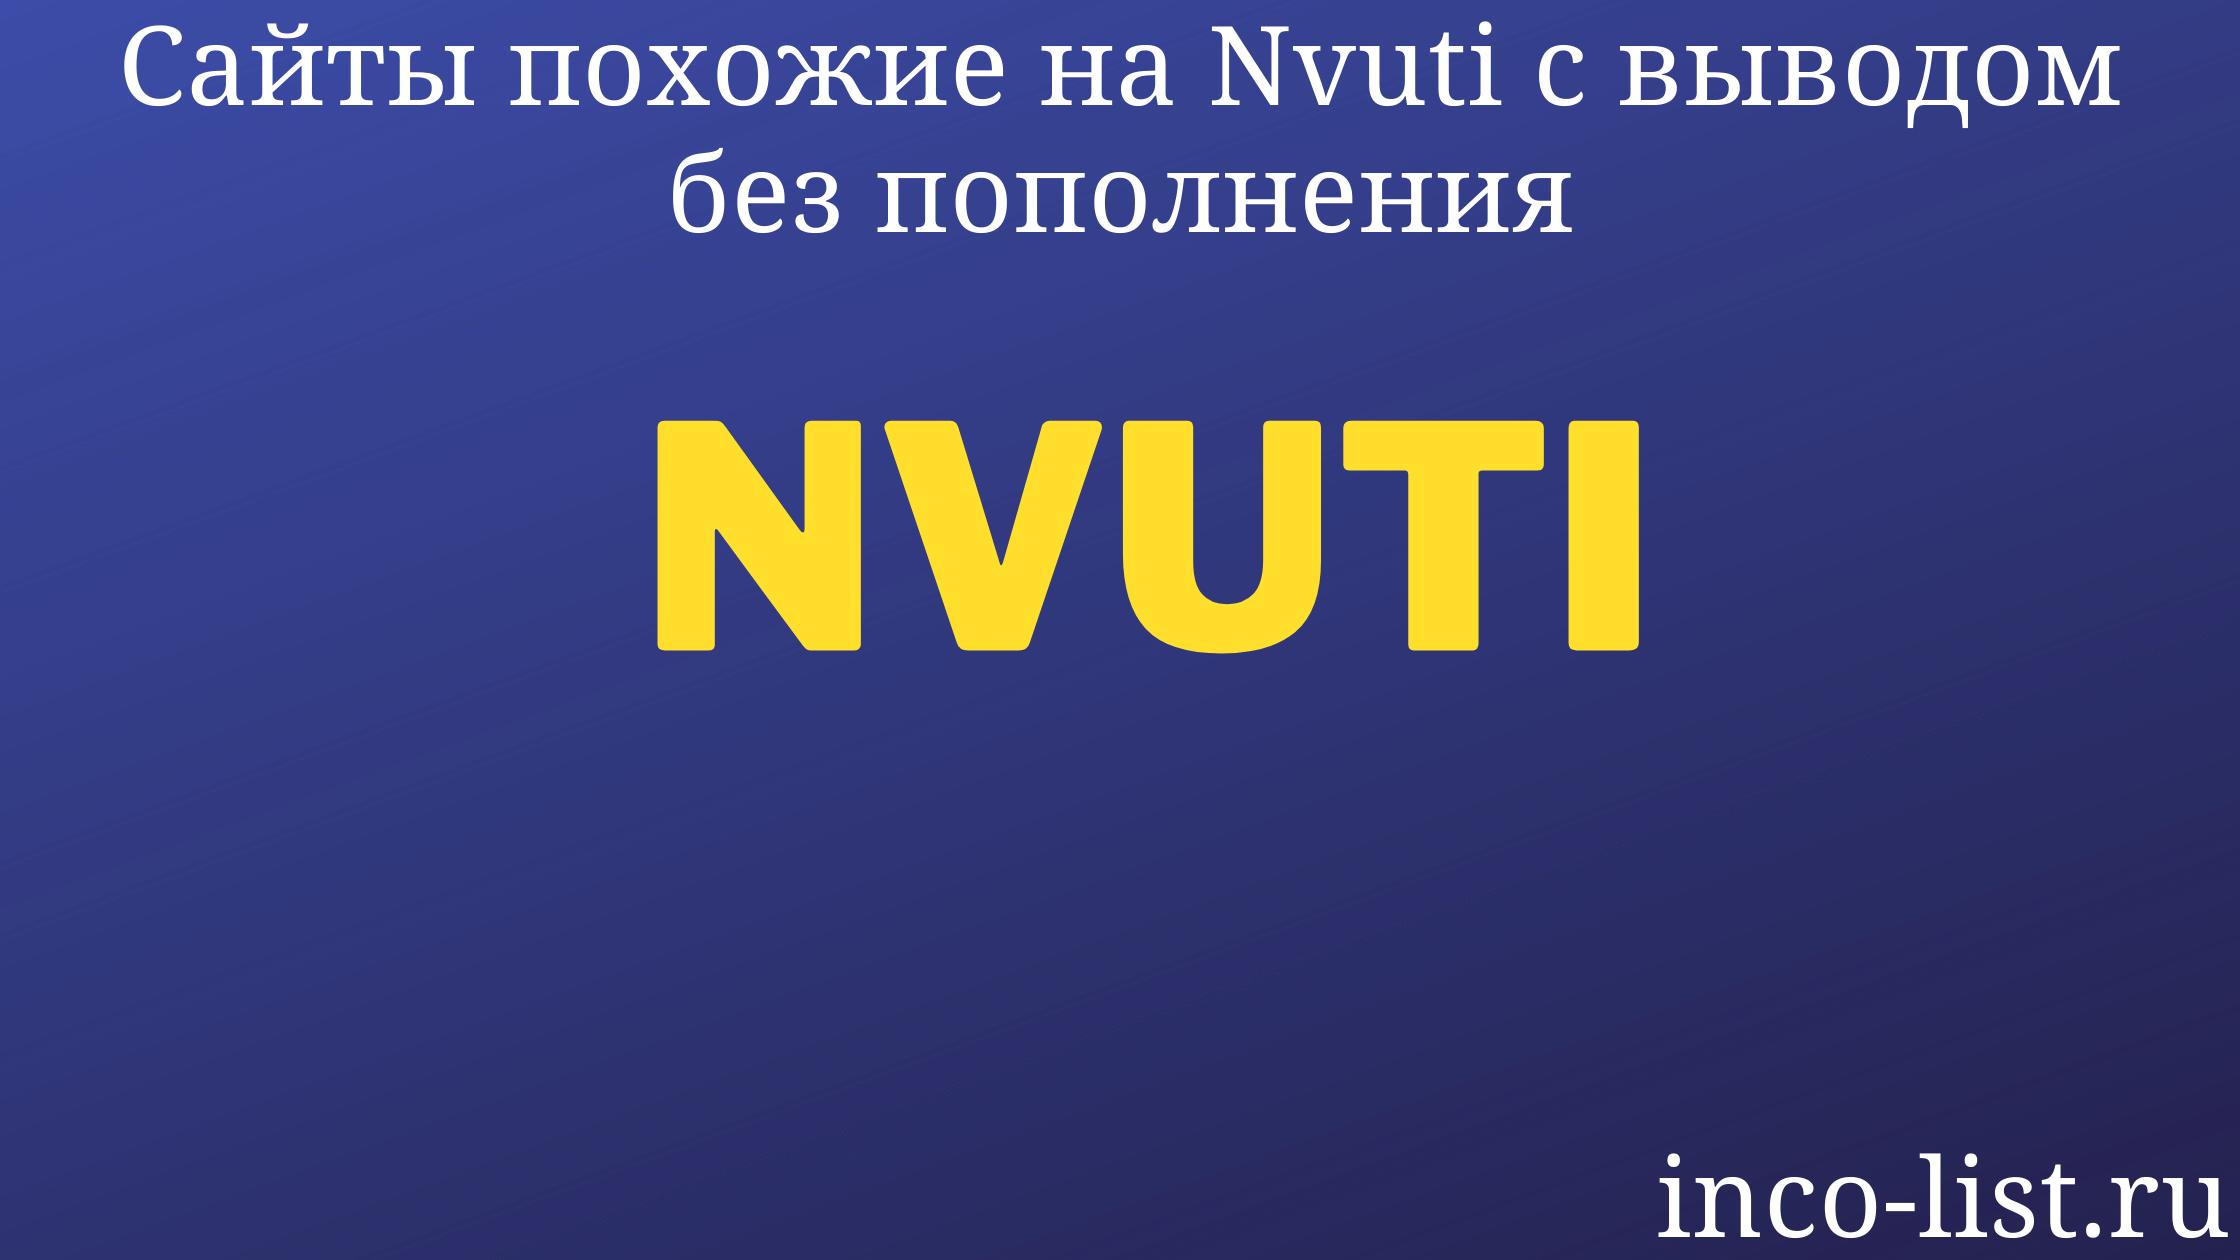 Сайты похожие на Nvuti с выводом без пополнения — ТОП 30 честных и проверенных мгновенных игр на подобии Нвути